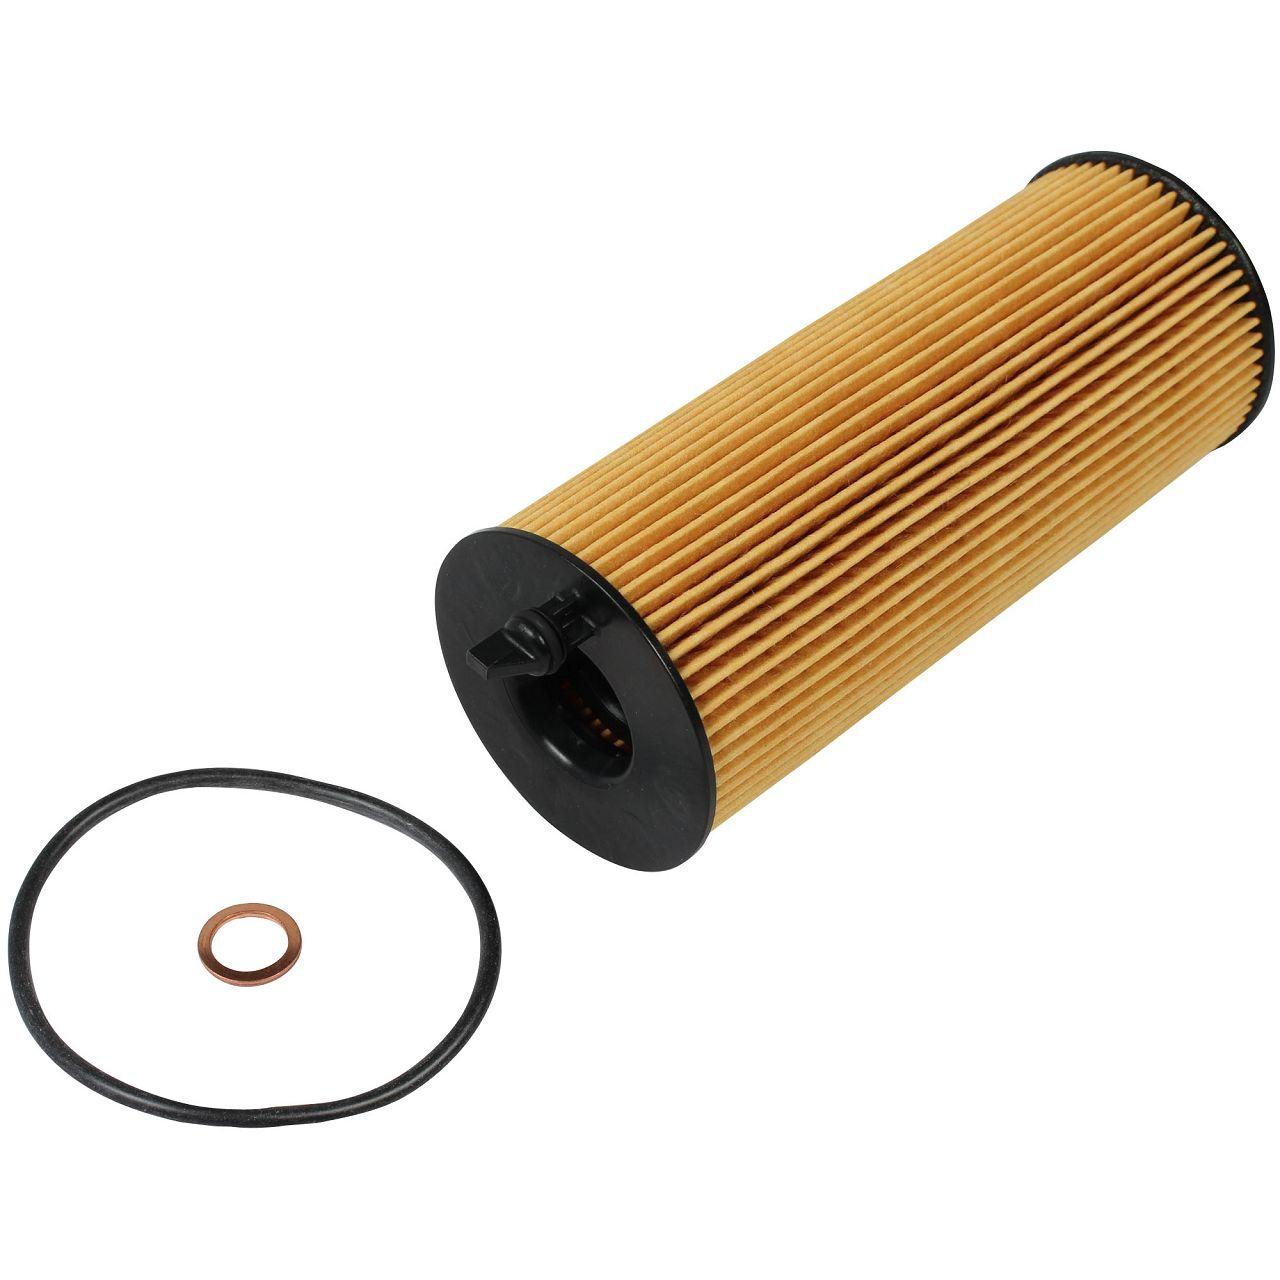 Inspektionskit Filterpaket Filterset für BMW 5er E60 E61 520d 163/177 PS